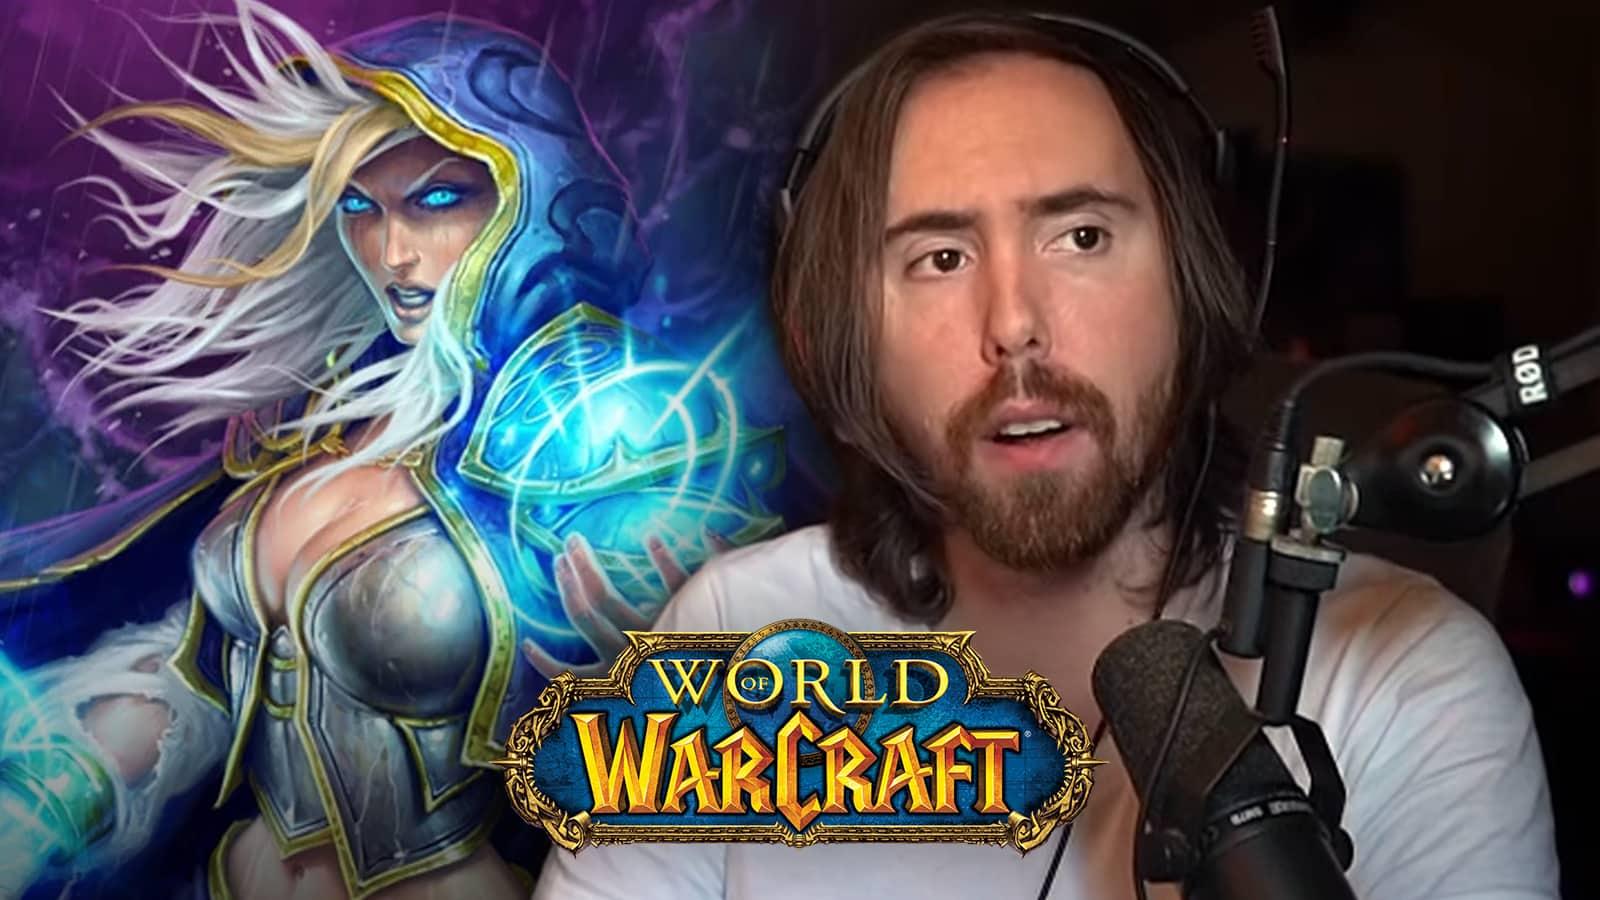 Asmongold critica a los desarrolladores de WoW Blizzard mientras se sentaba junto a Jaina Valiente.